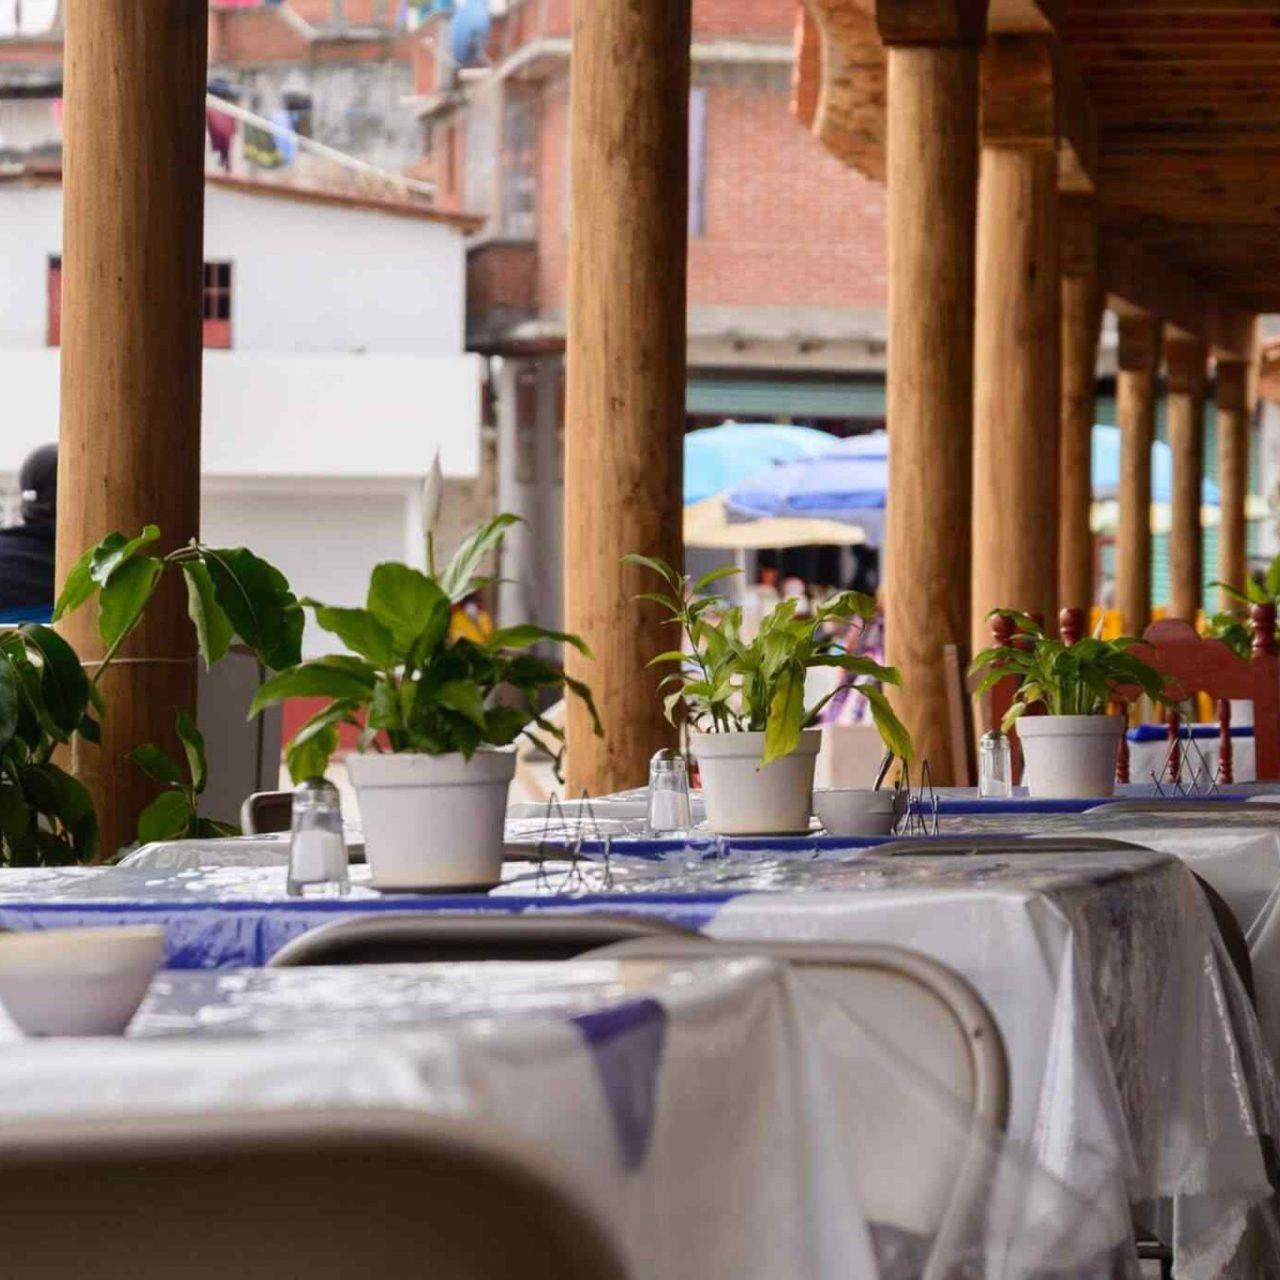 http://www.apnottingham.org.uk/wp-content/uploads/2017/10/restaurant-mexican-17-1-1280x1280.jpg